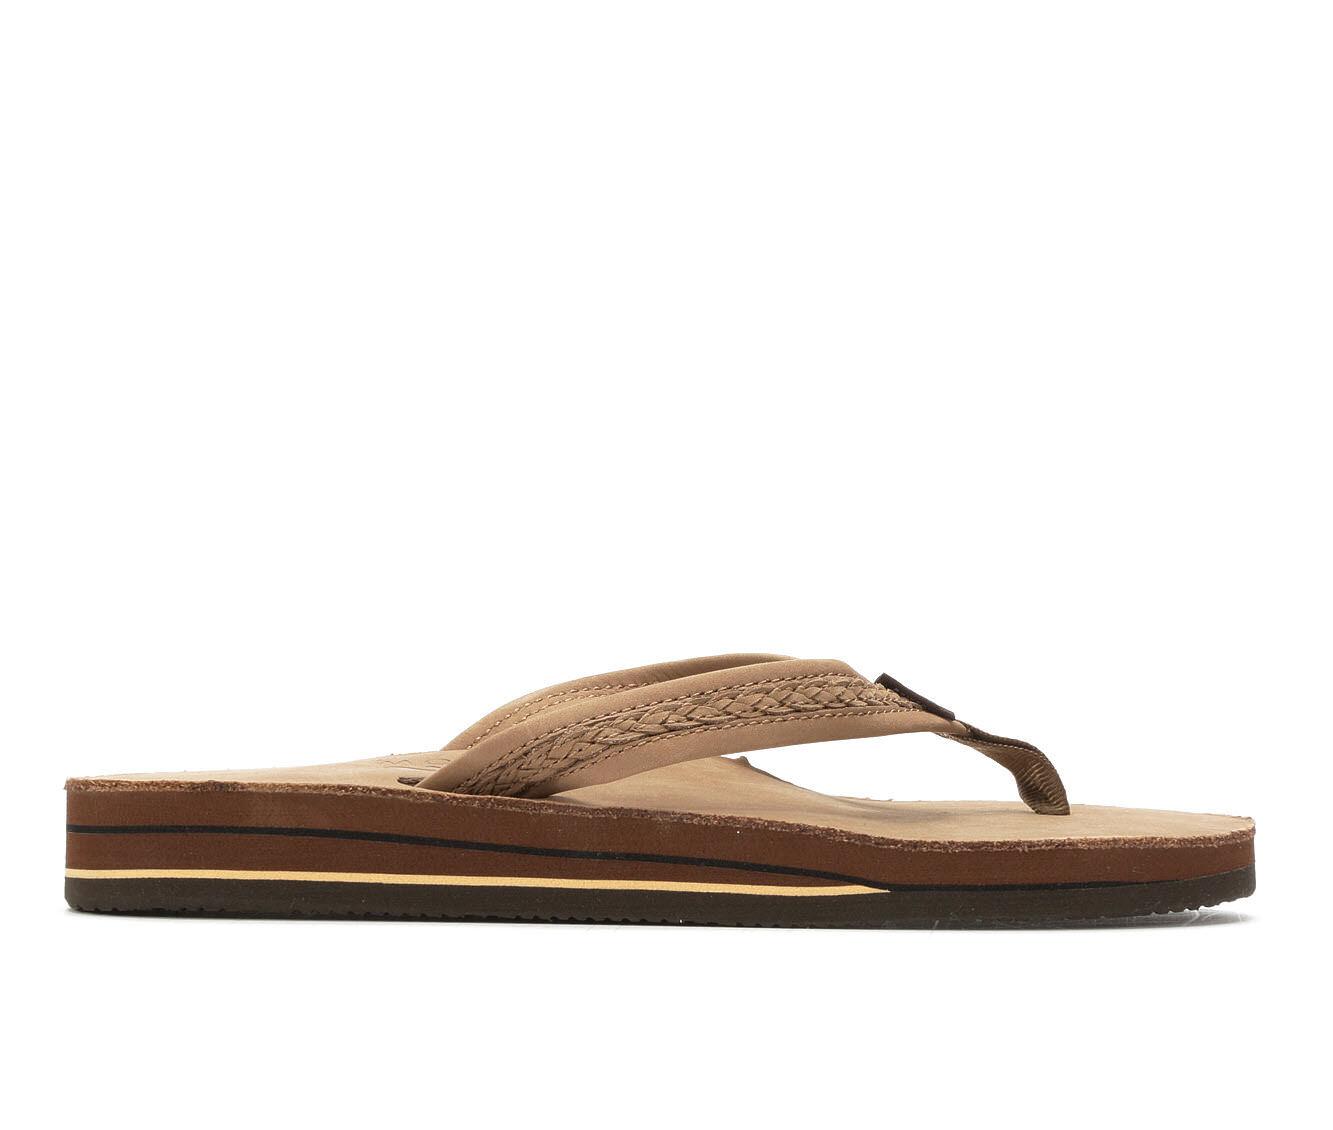 Best Buy Women's Rainbow Sandals Willow Leather Flip-Flops Dark Brown